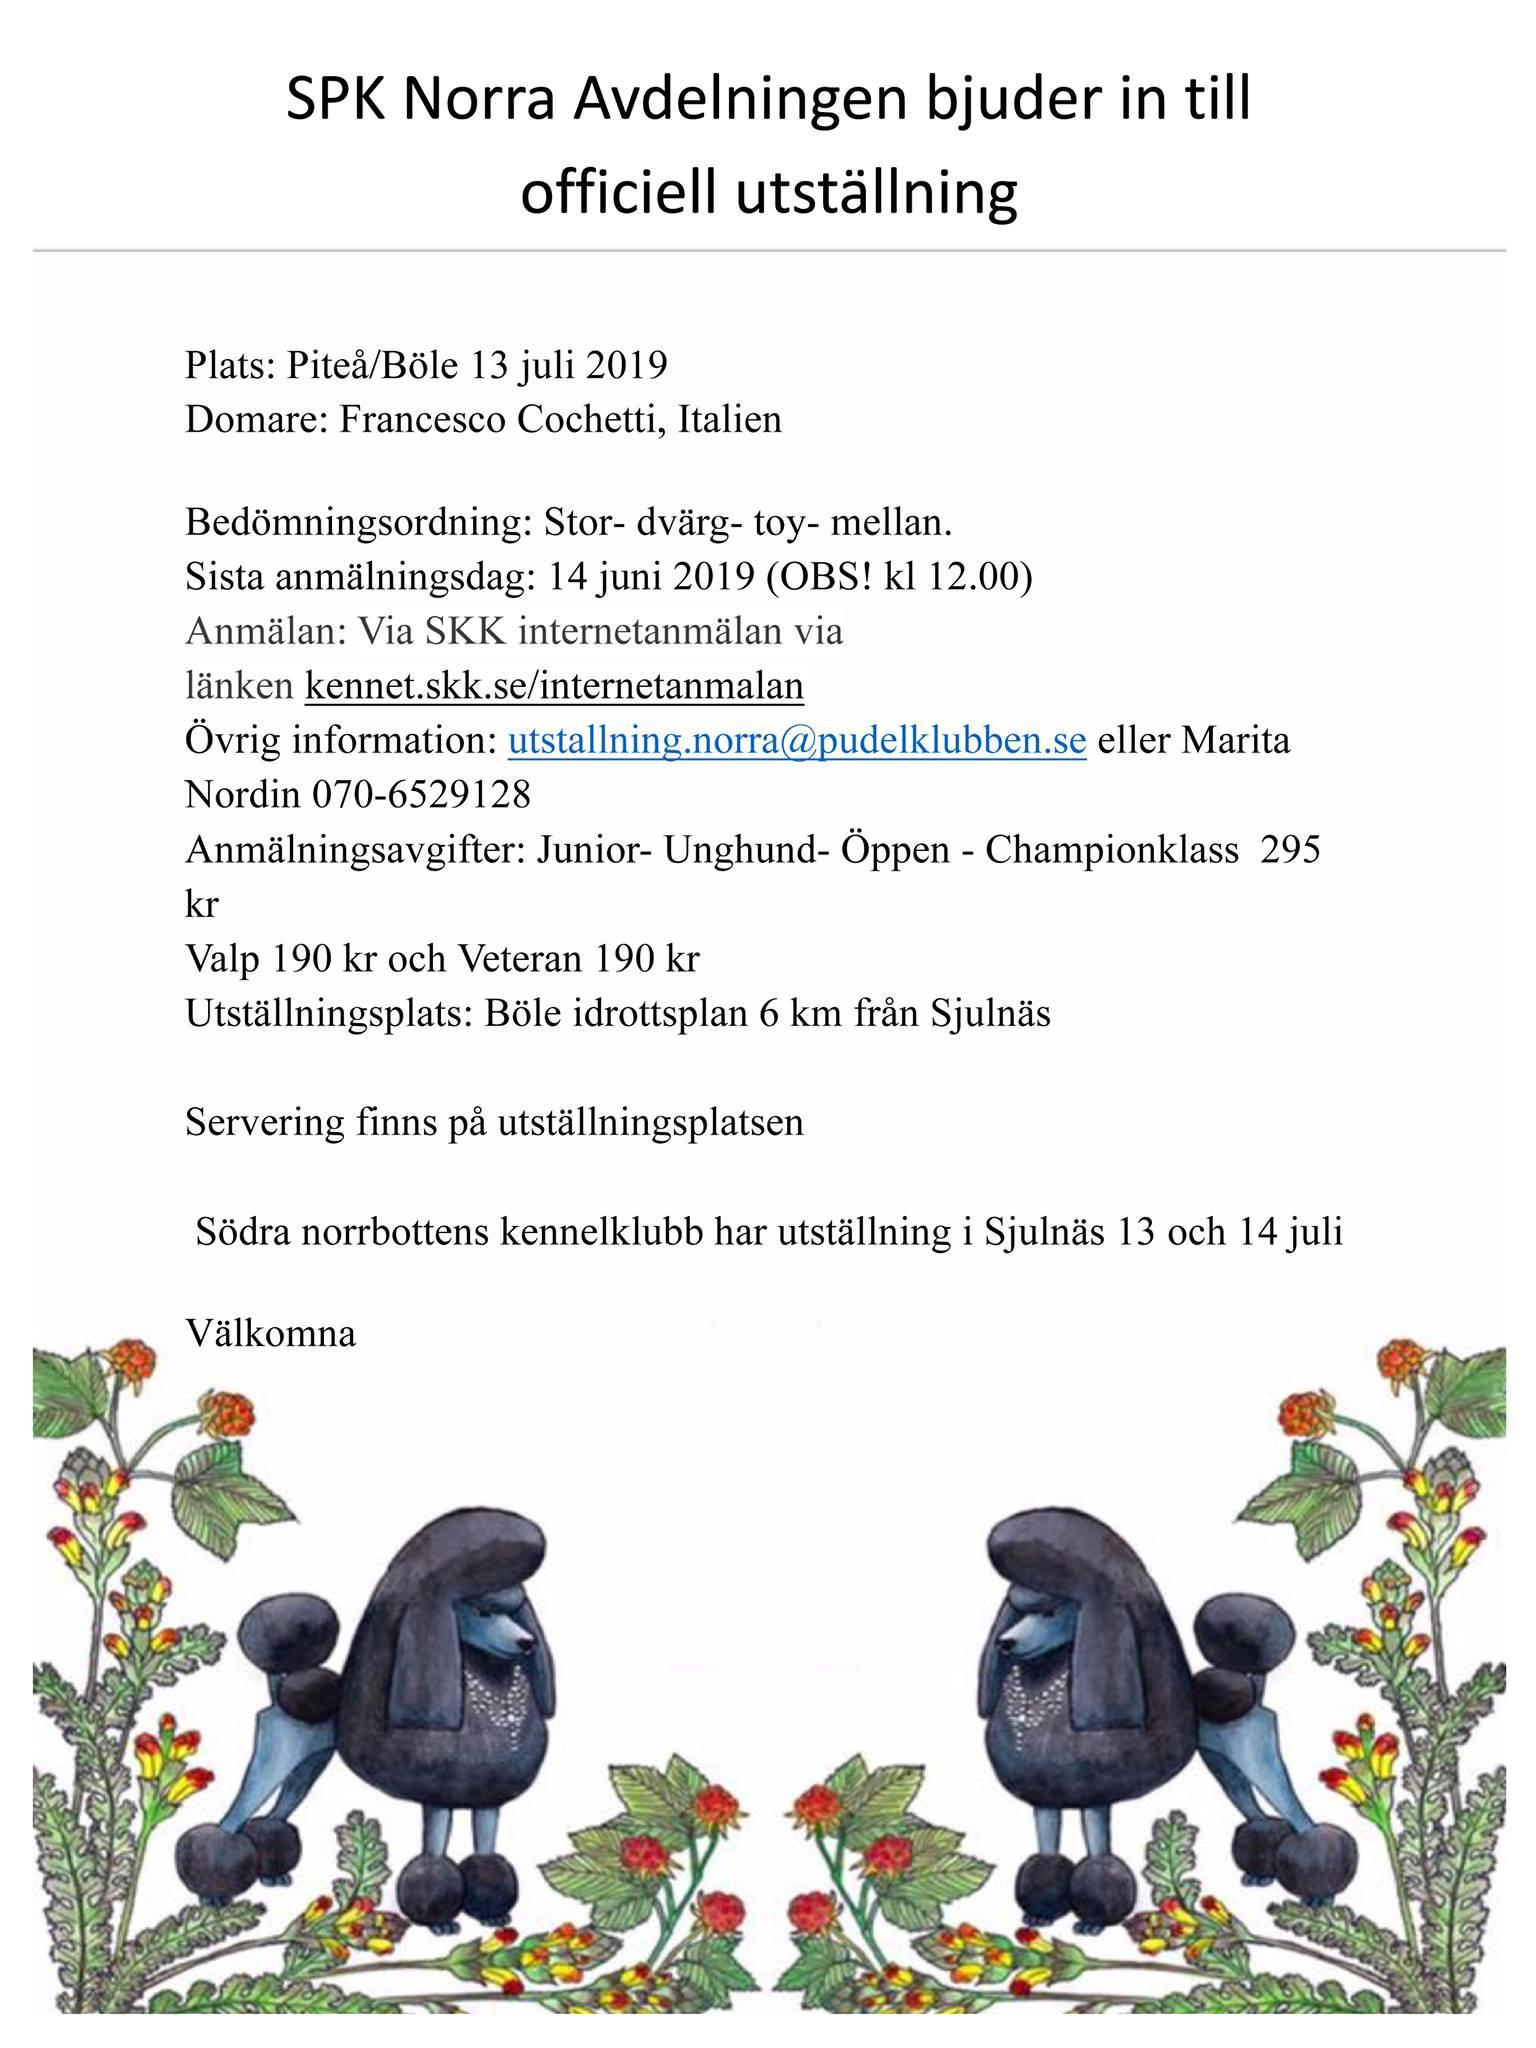 Välkommen till SPK norras utställning i Böle